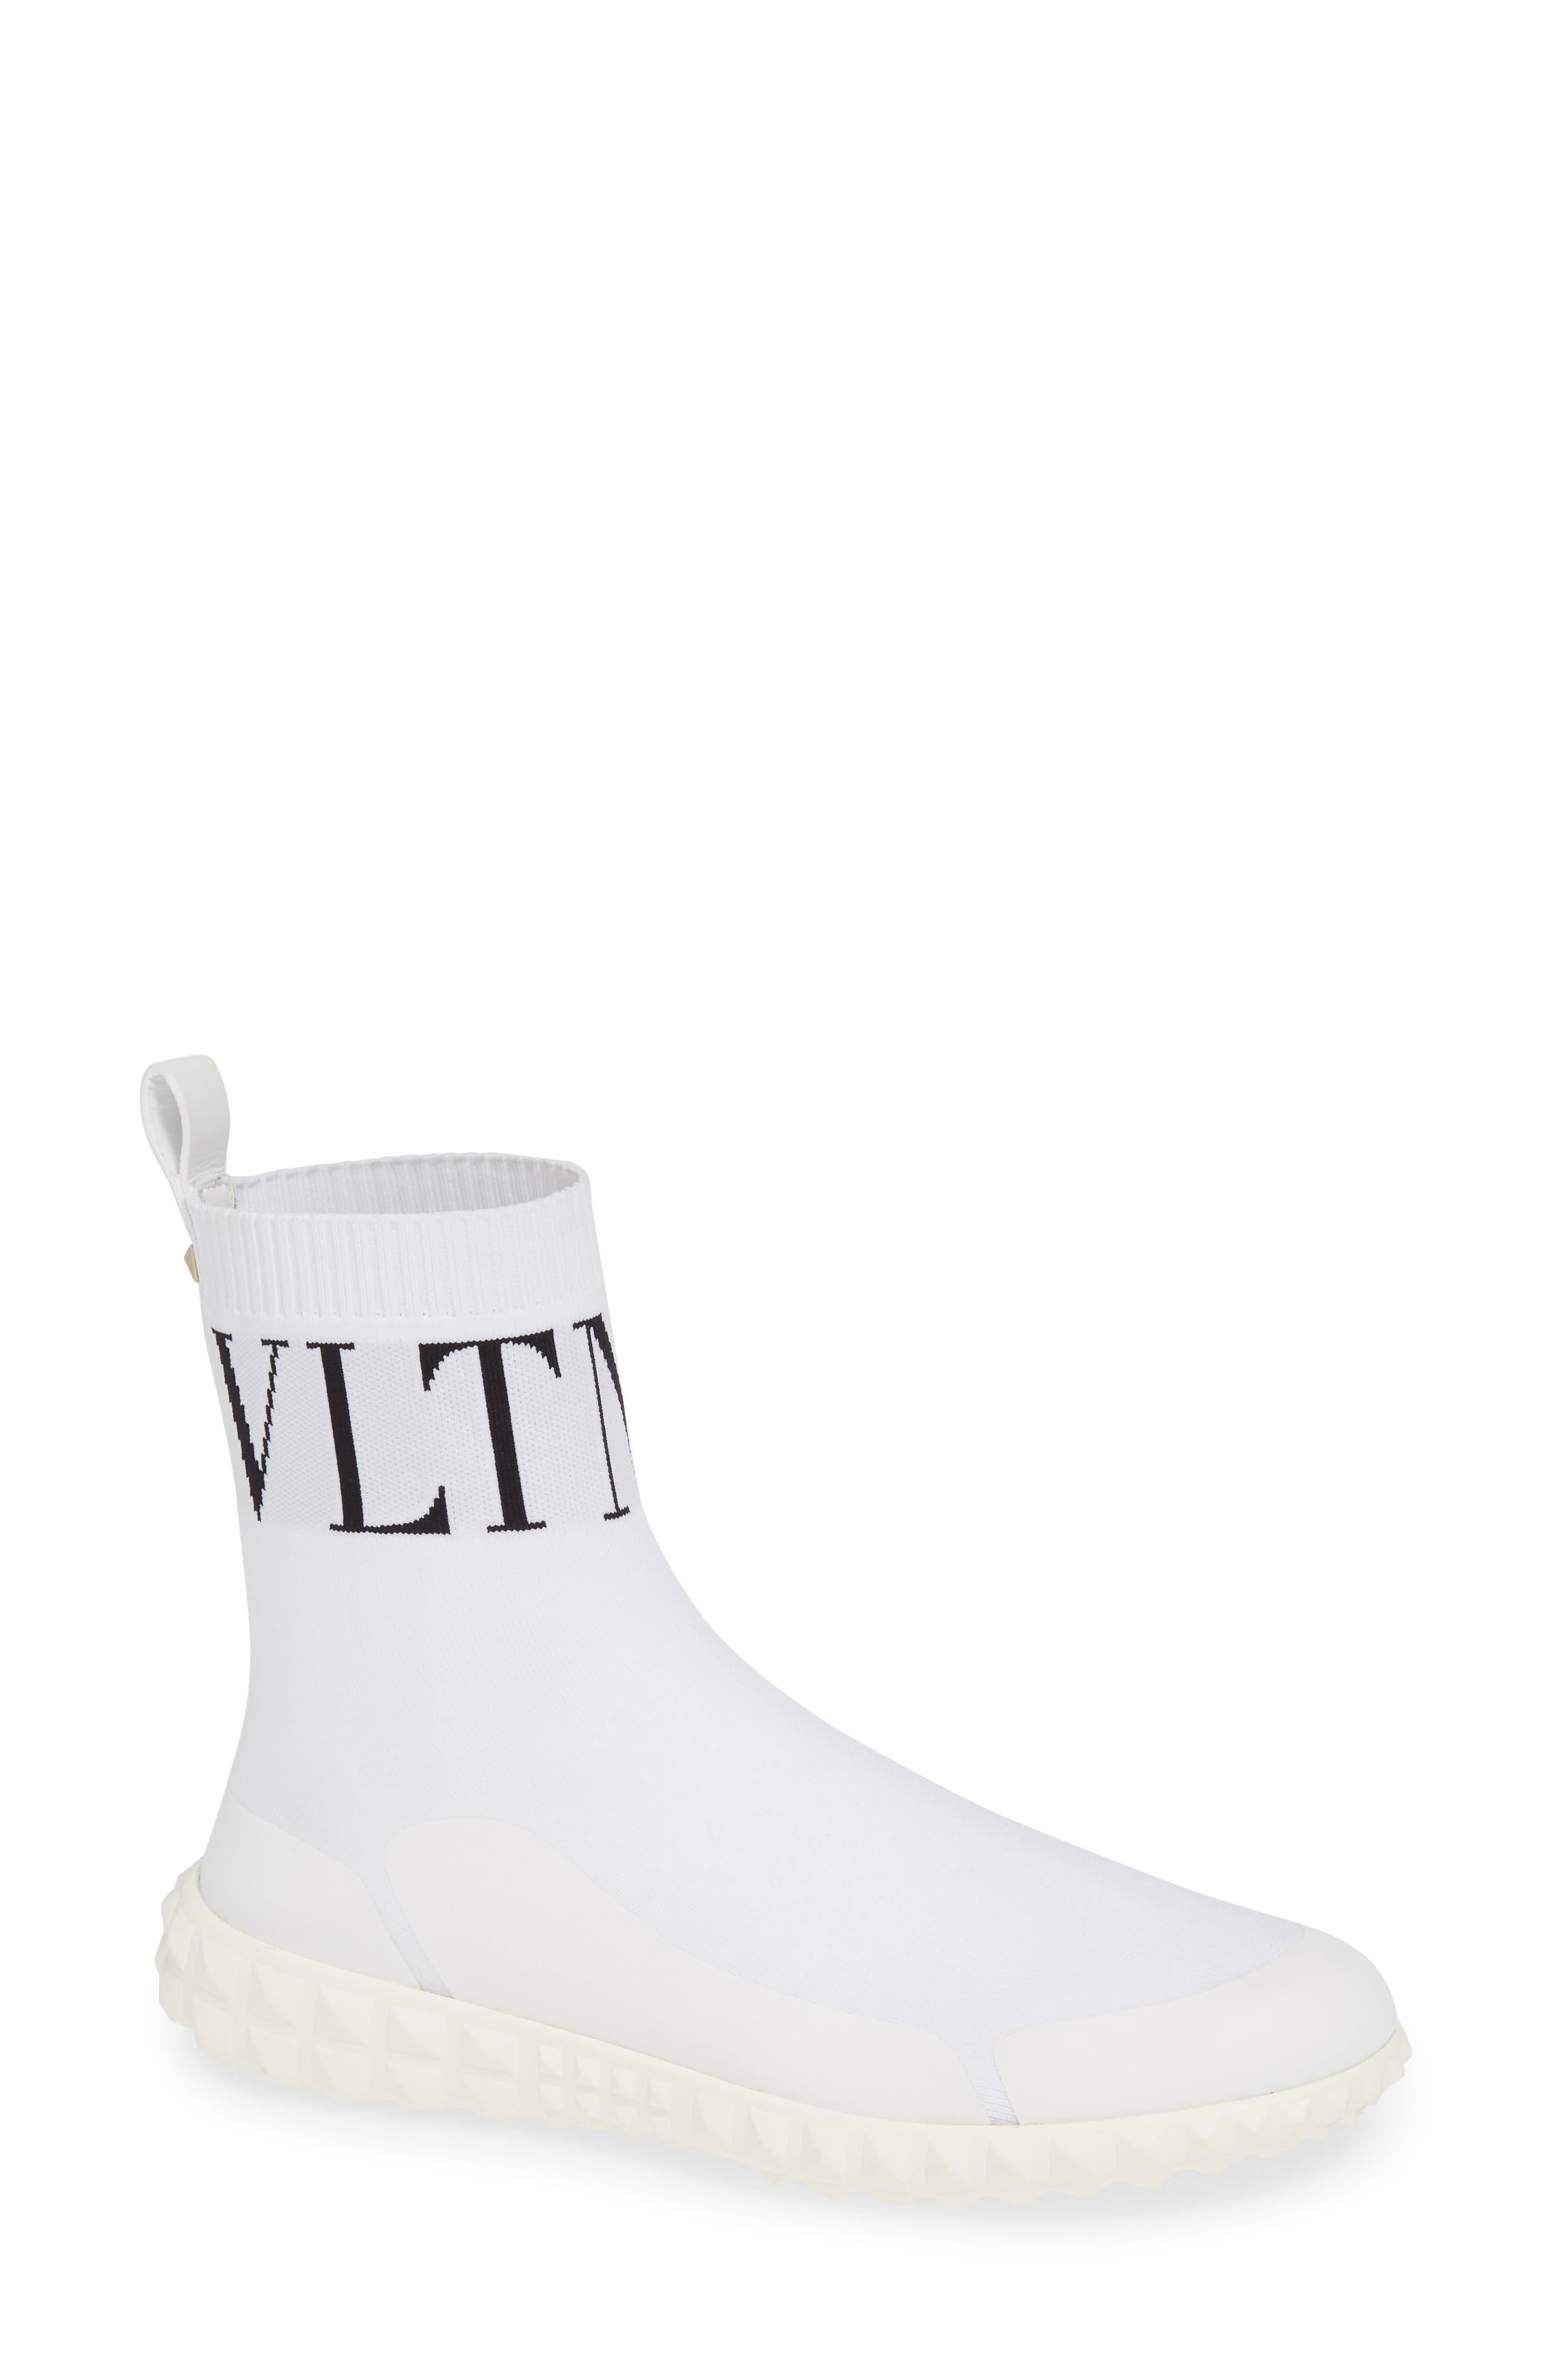 VLTN Slip-On Sock Sneaker,                             Main thumbnail 1, color,                             WHITE